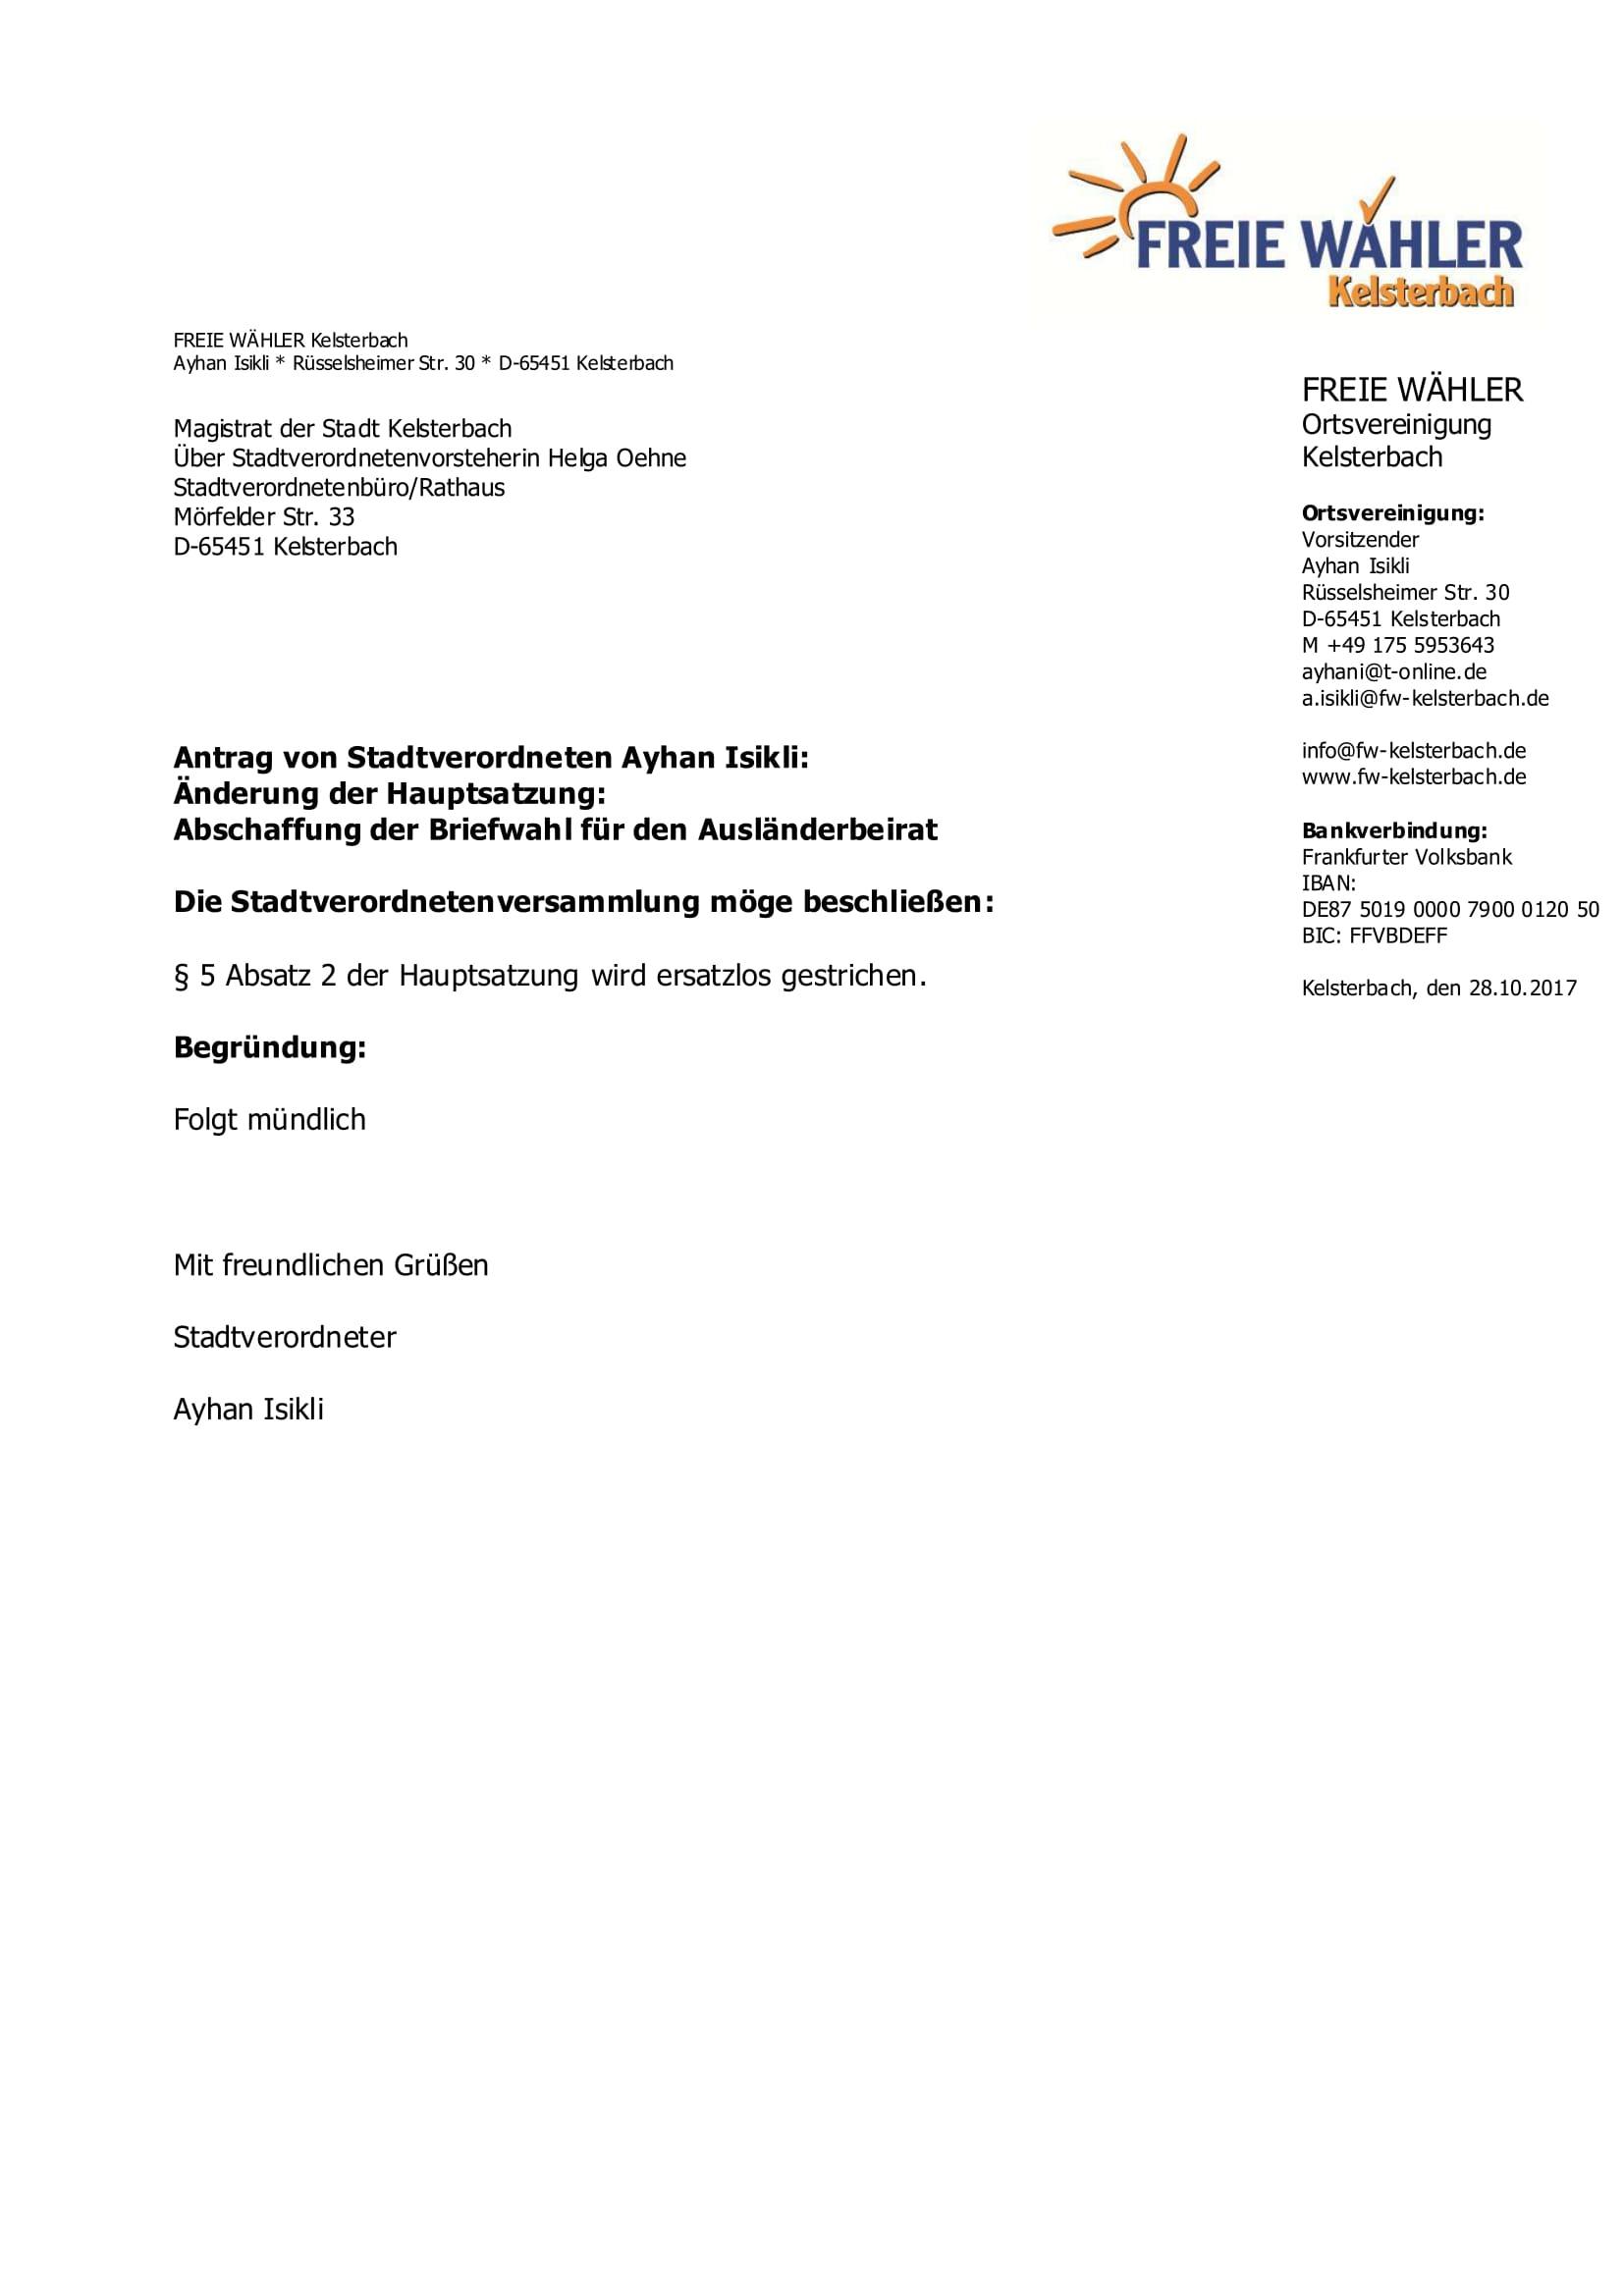 Abschaffung Briefwahl Ausländerbeirat Antrag